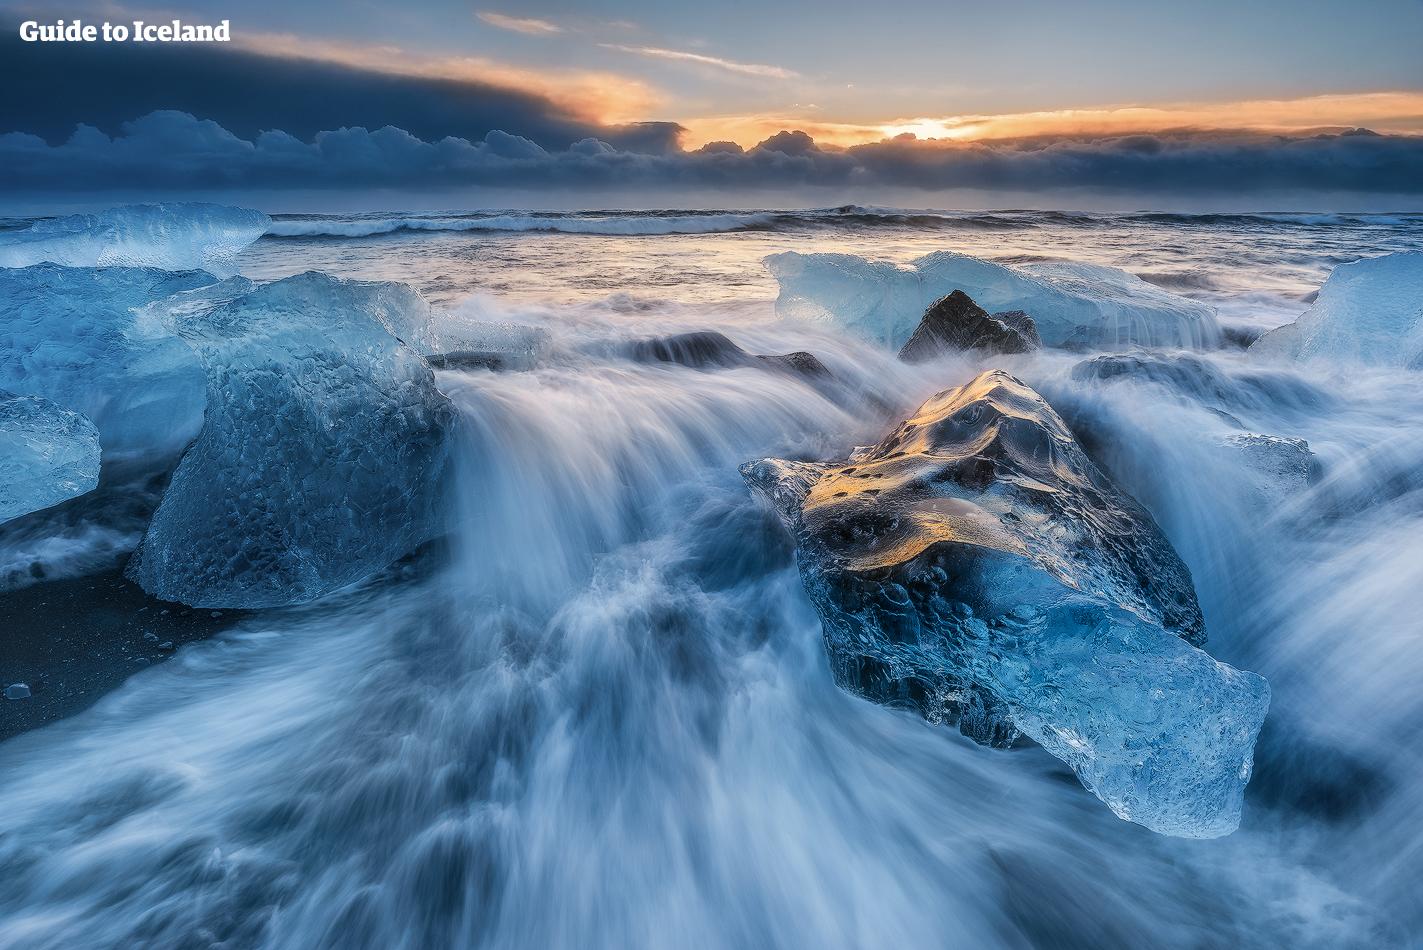 Los icebergs de la laguna glaciar Jökulsárlón se lavan y se pulen en las olas de la Playa Diamante.